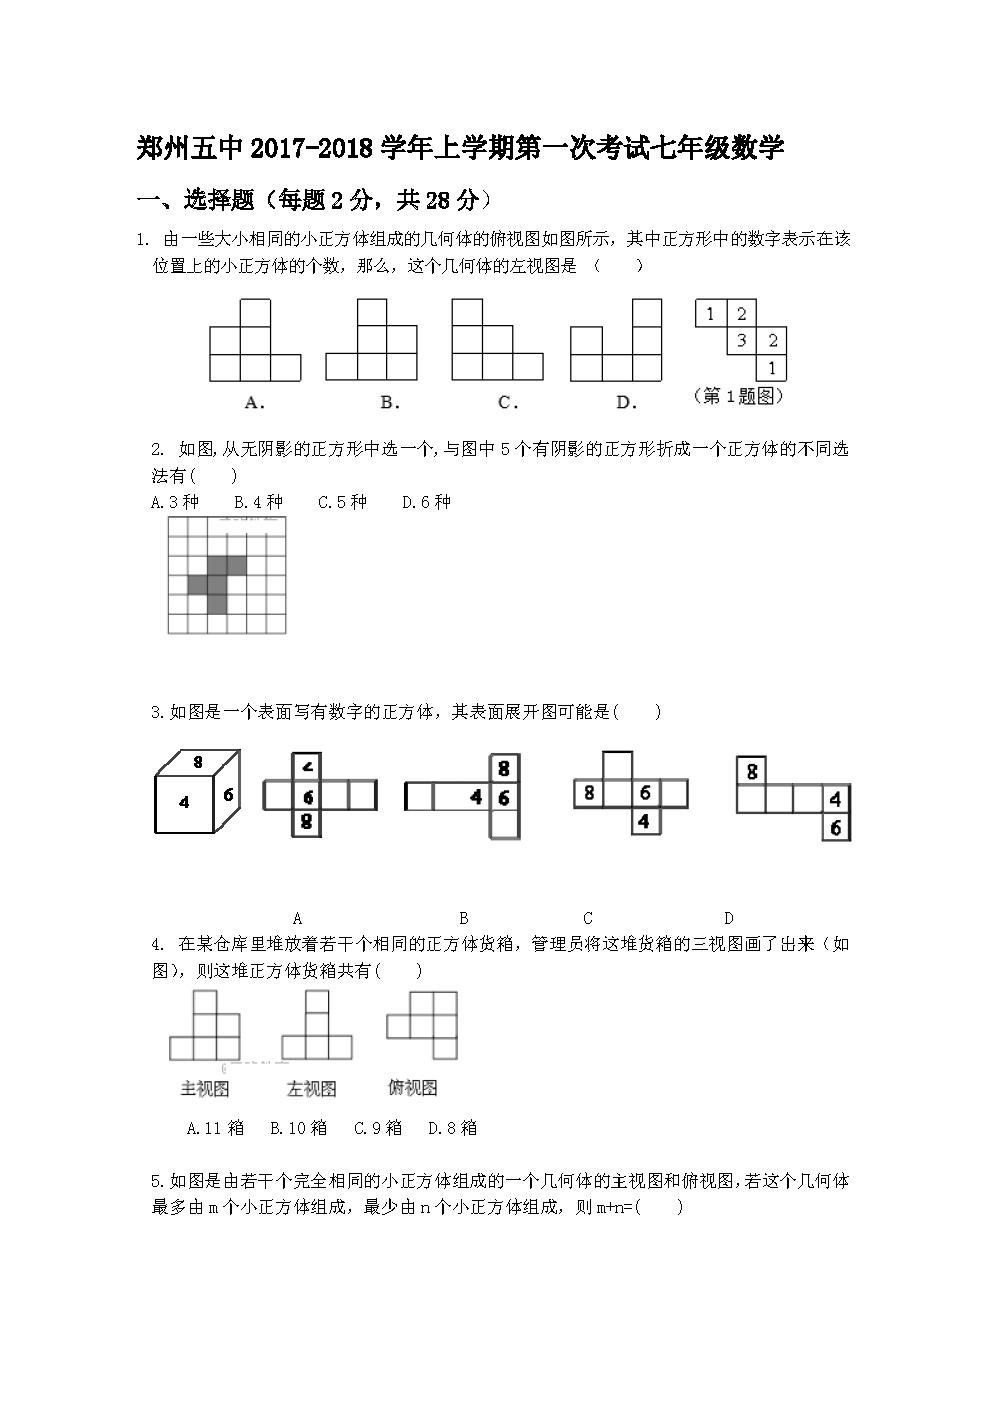 七年级上学期数学卷_河南郑州五中2017-2018七年级第一次月考数学试卷(图片版)_初一